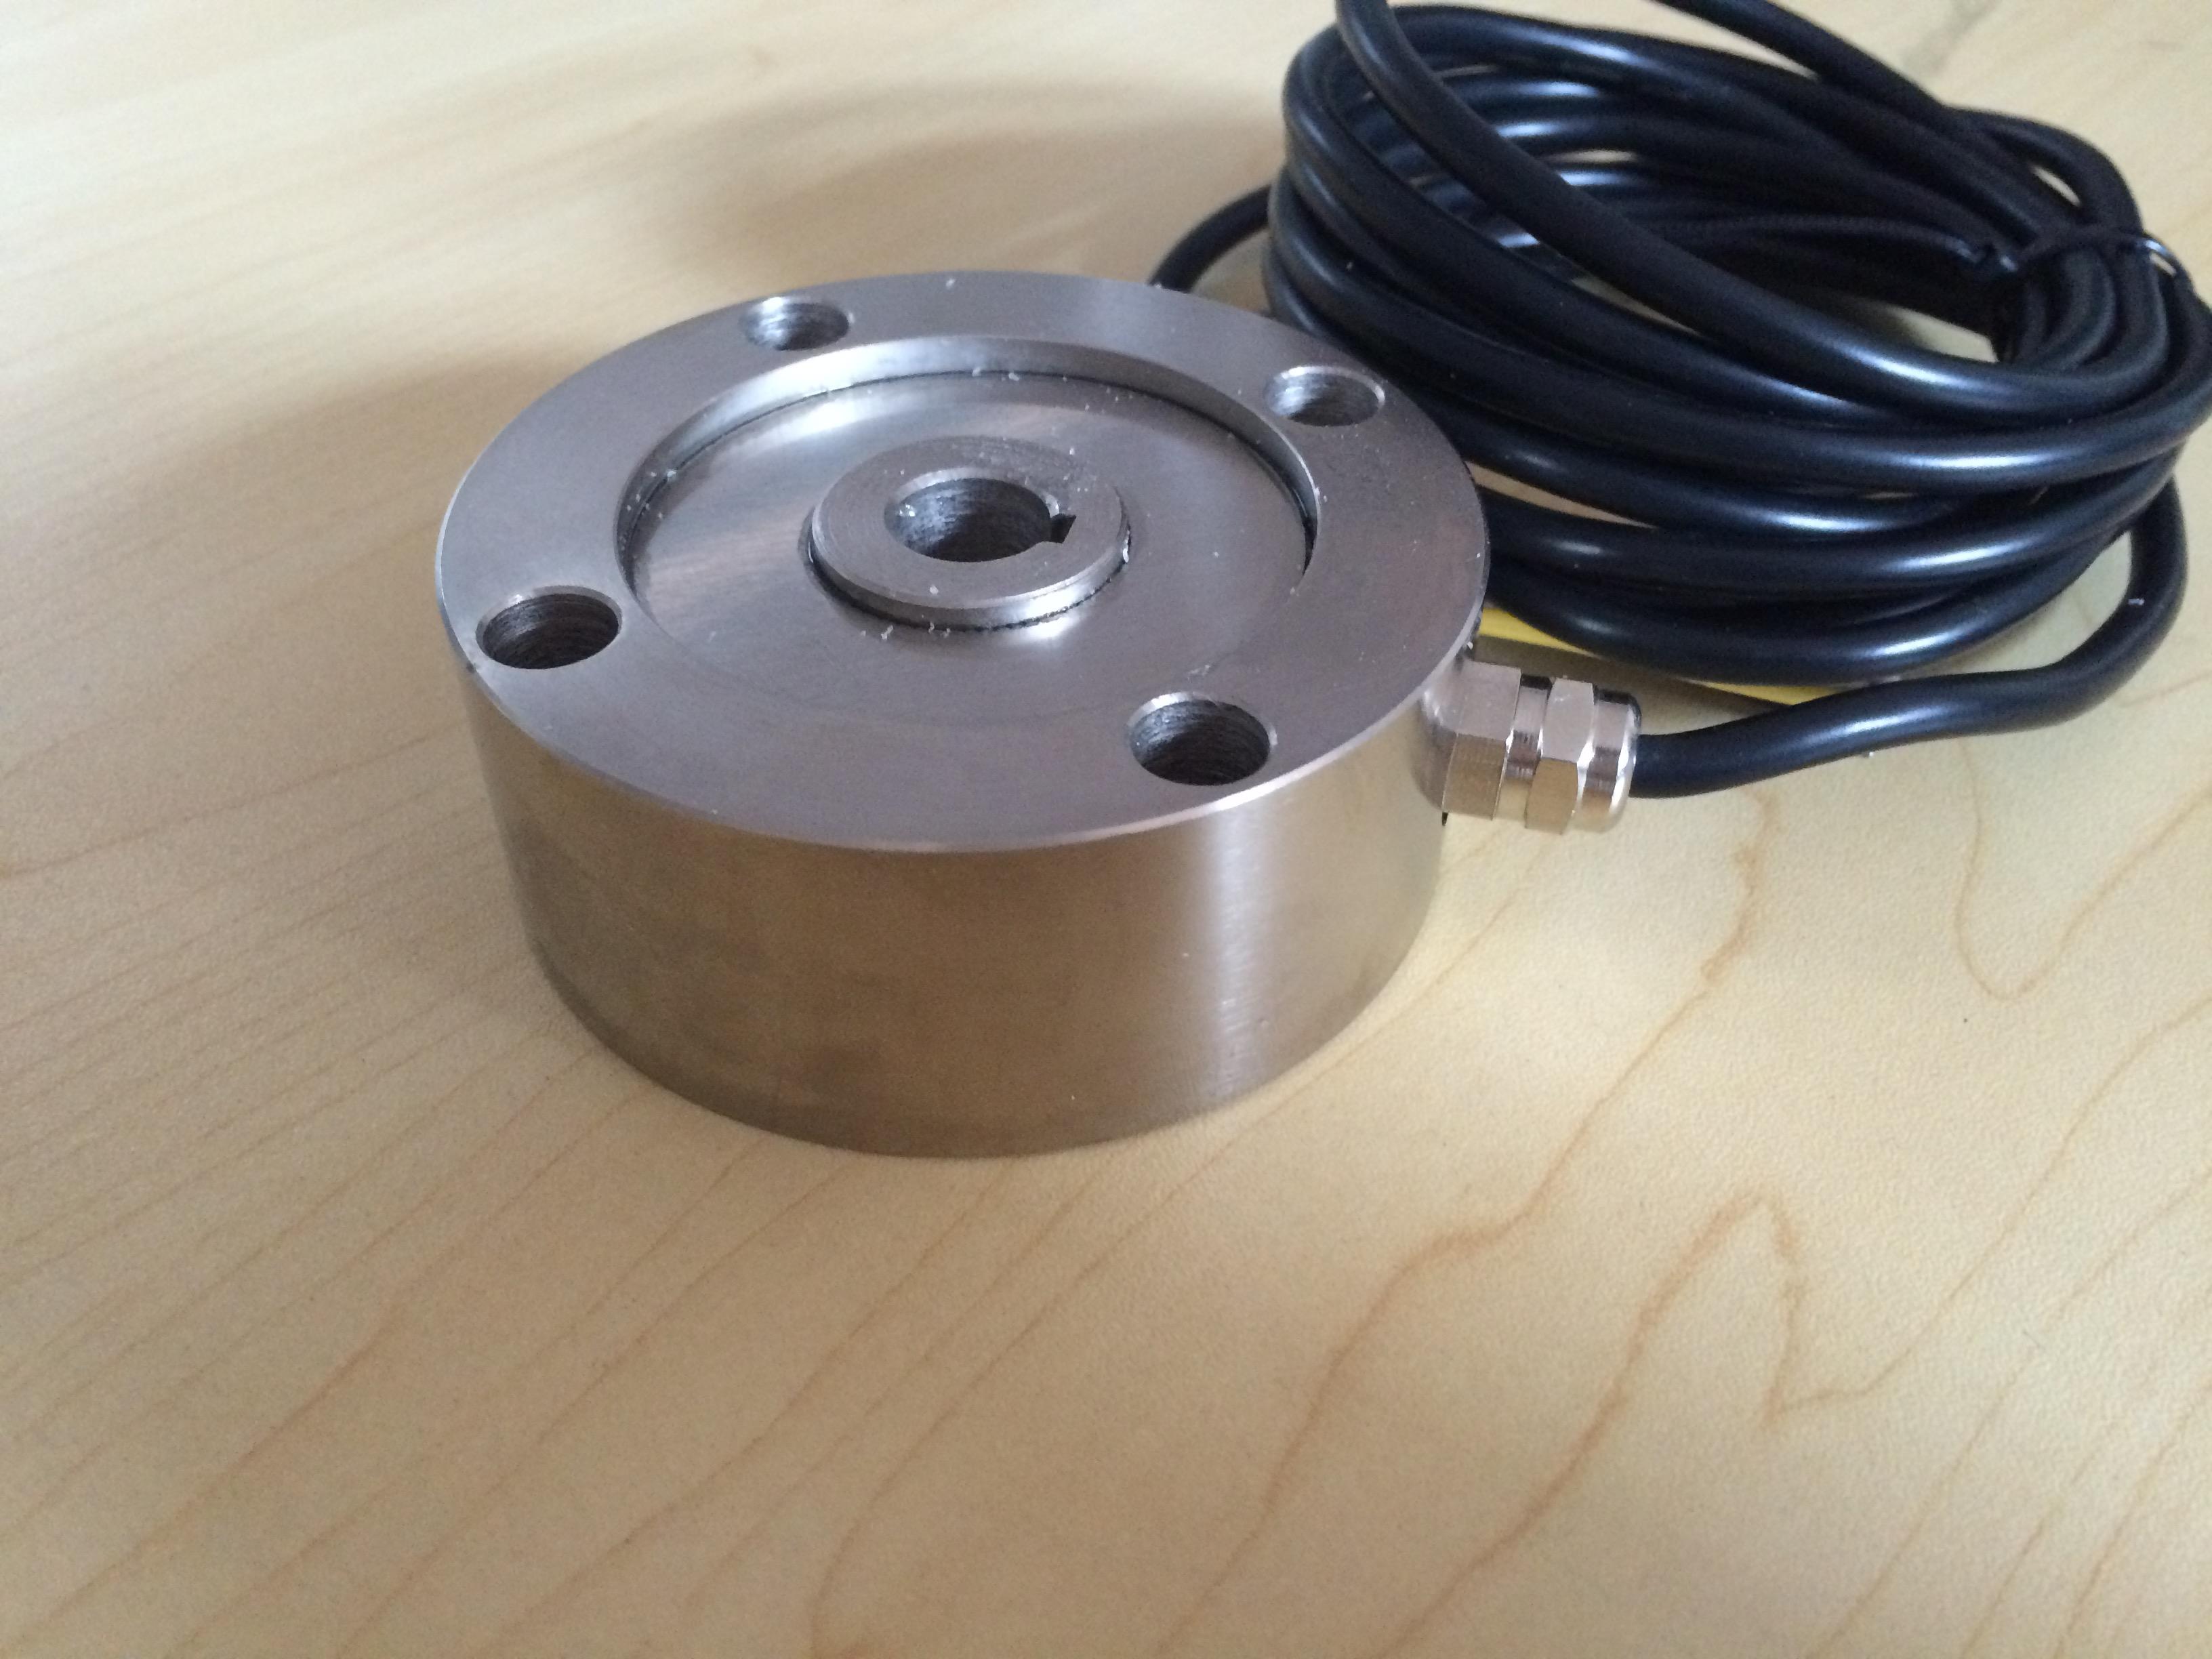 位移传感器在使用过程中要注意什么